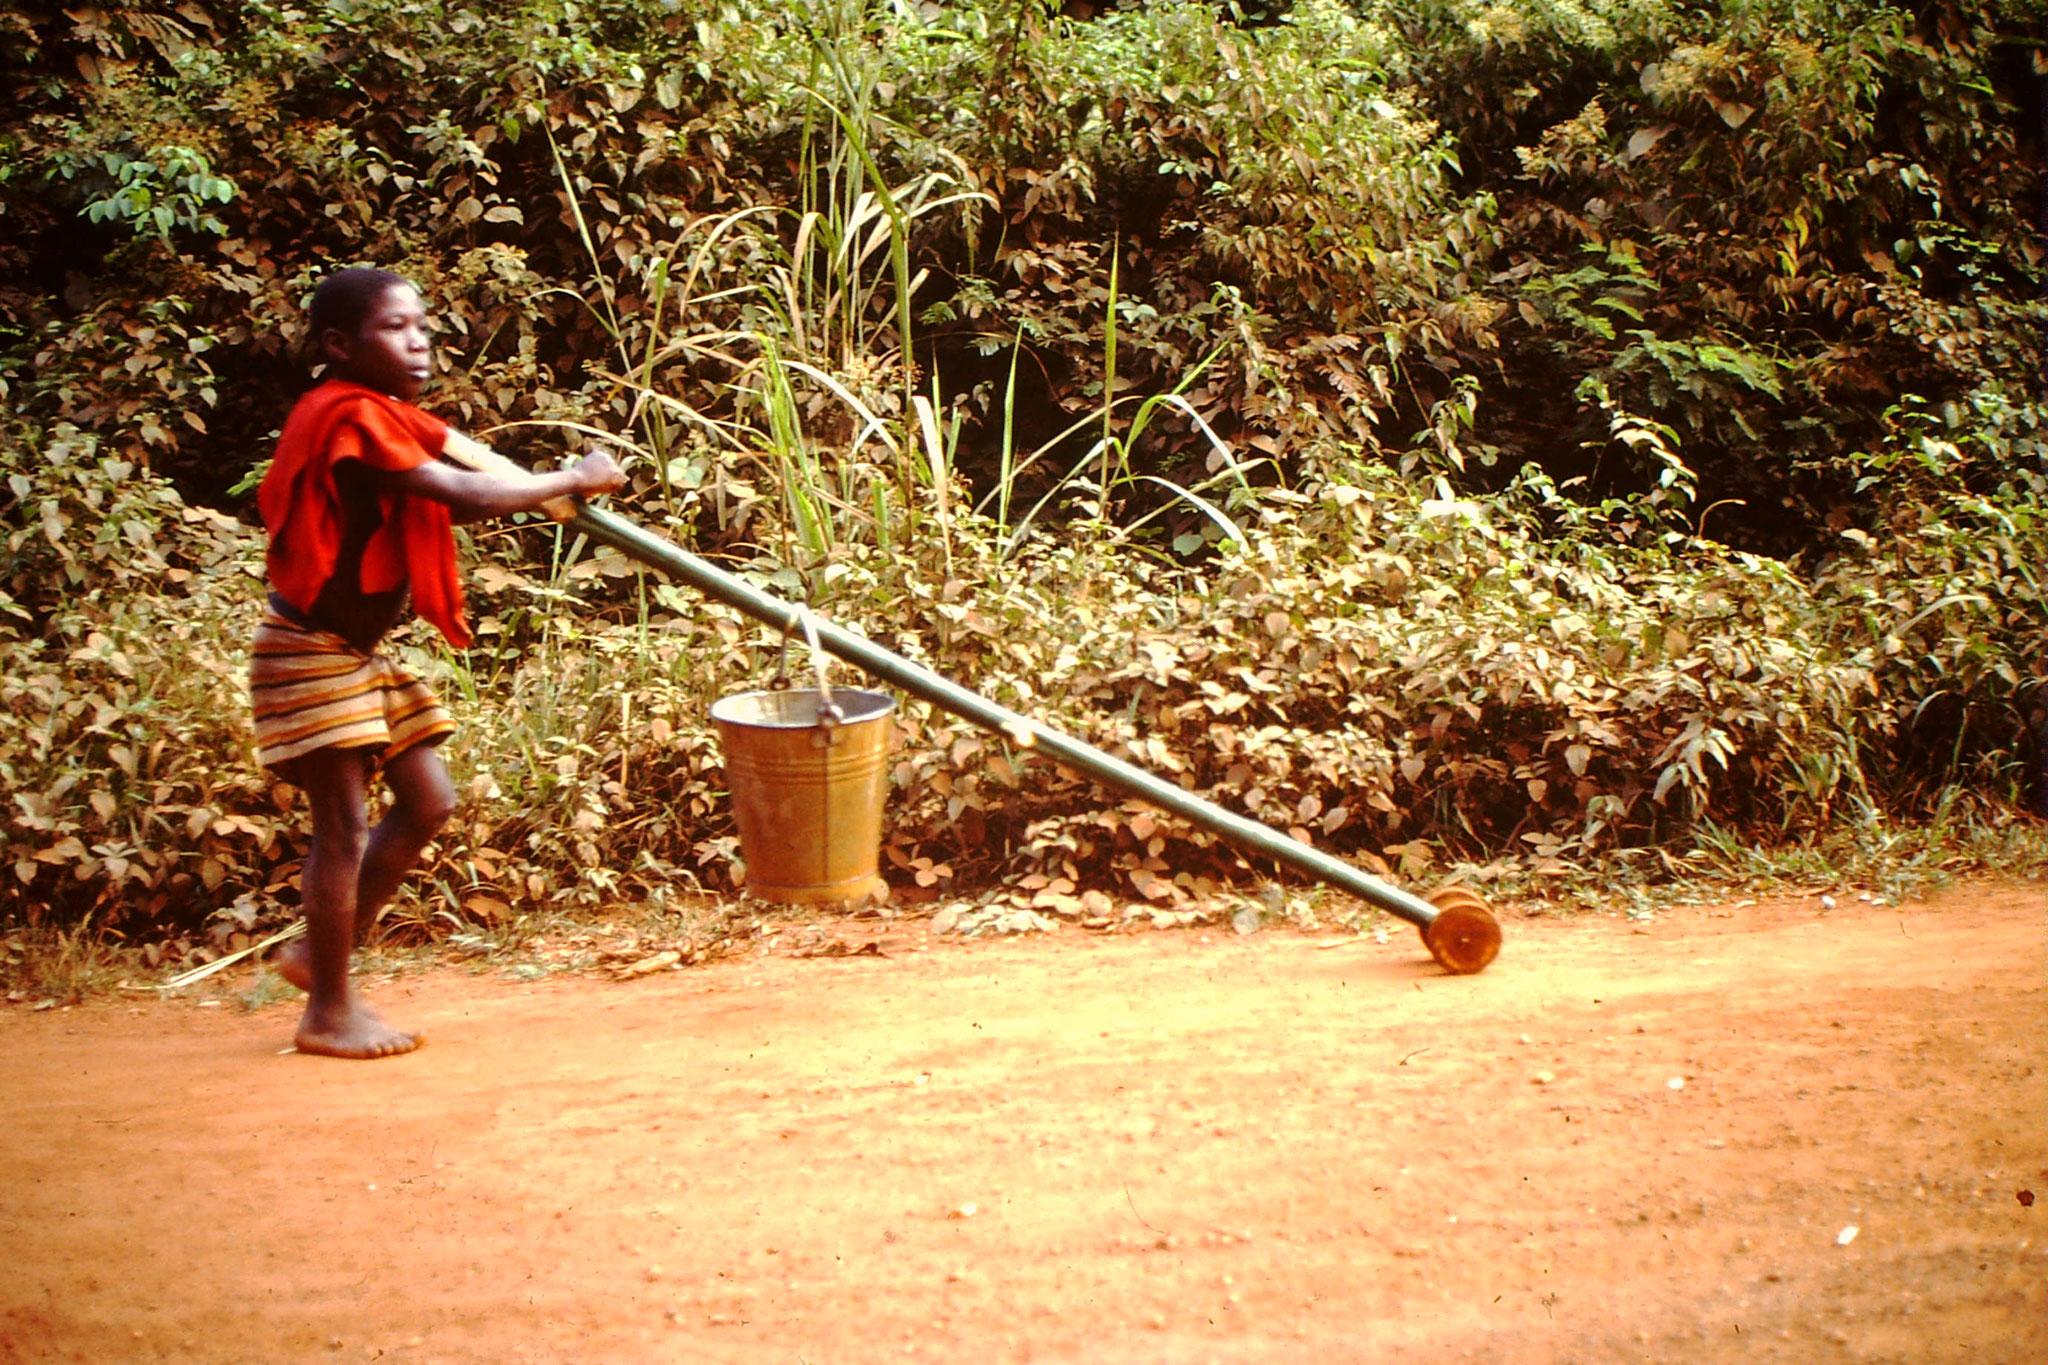 13. Auf diese Art und Weise konnten auch Kinder Wasser holen. Das Lebenselixier musste oft Kilometerweit getragen, oder wie hier transportiert werden.